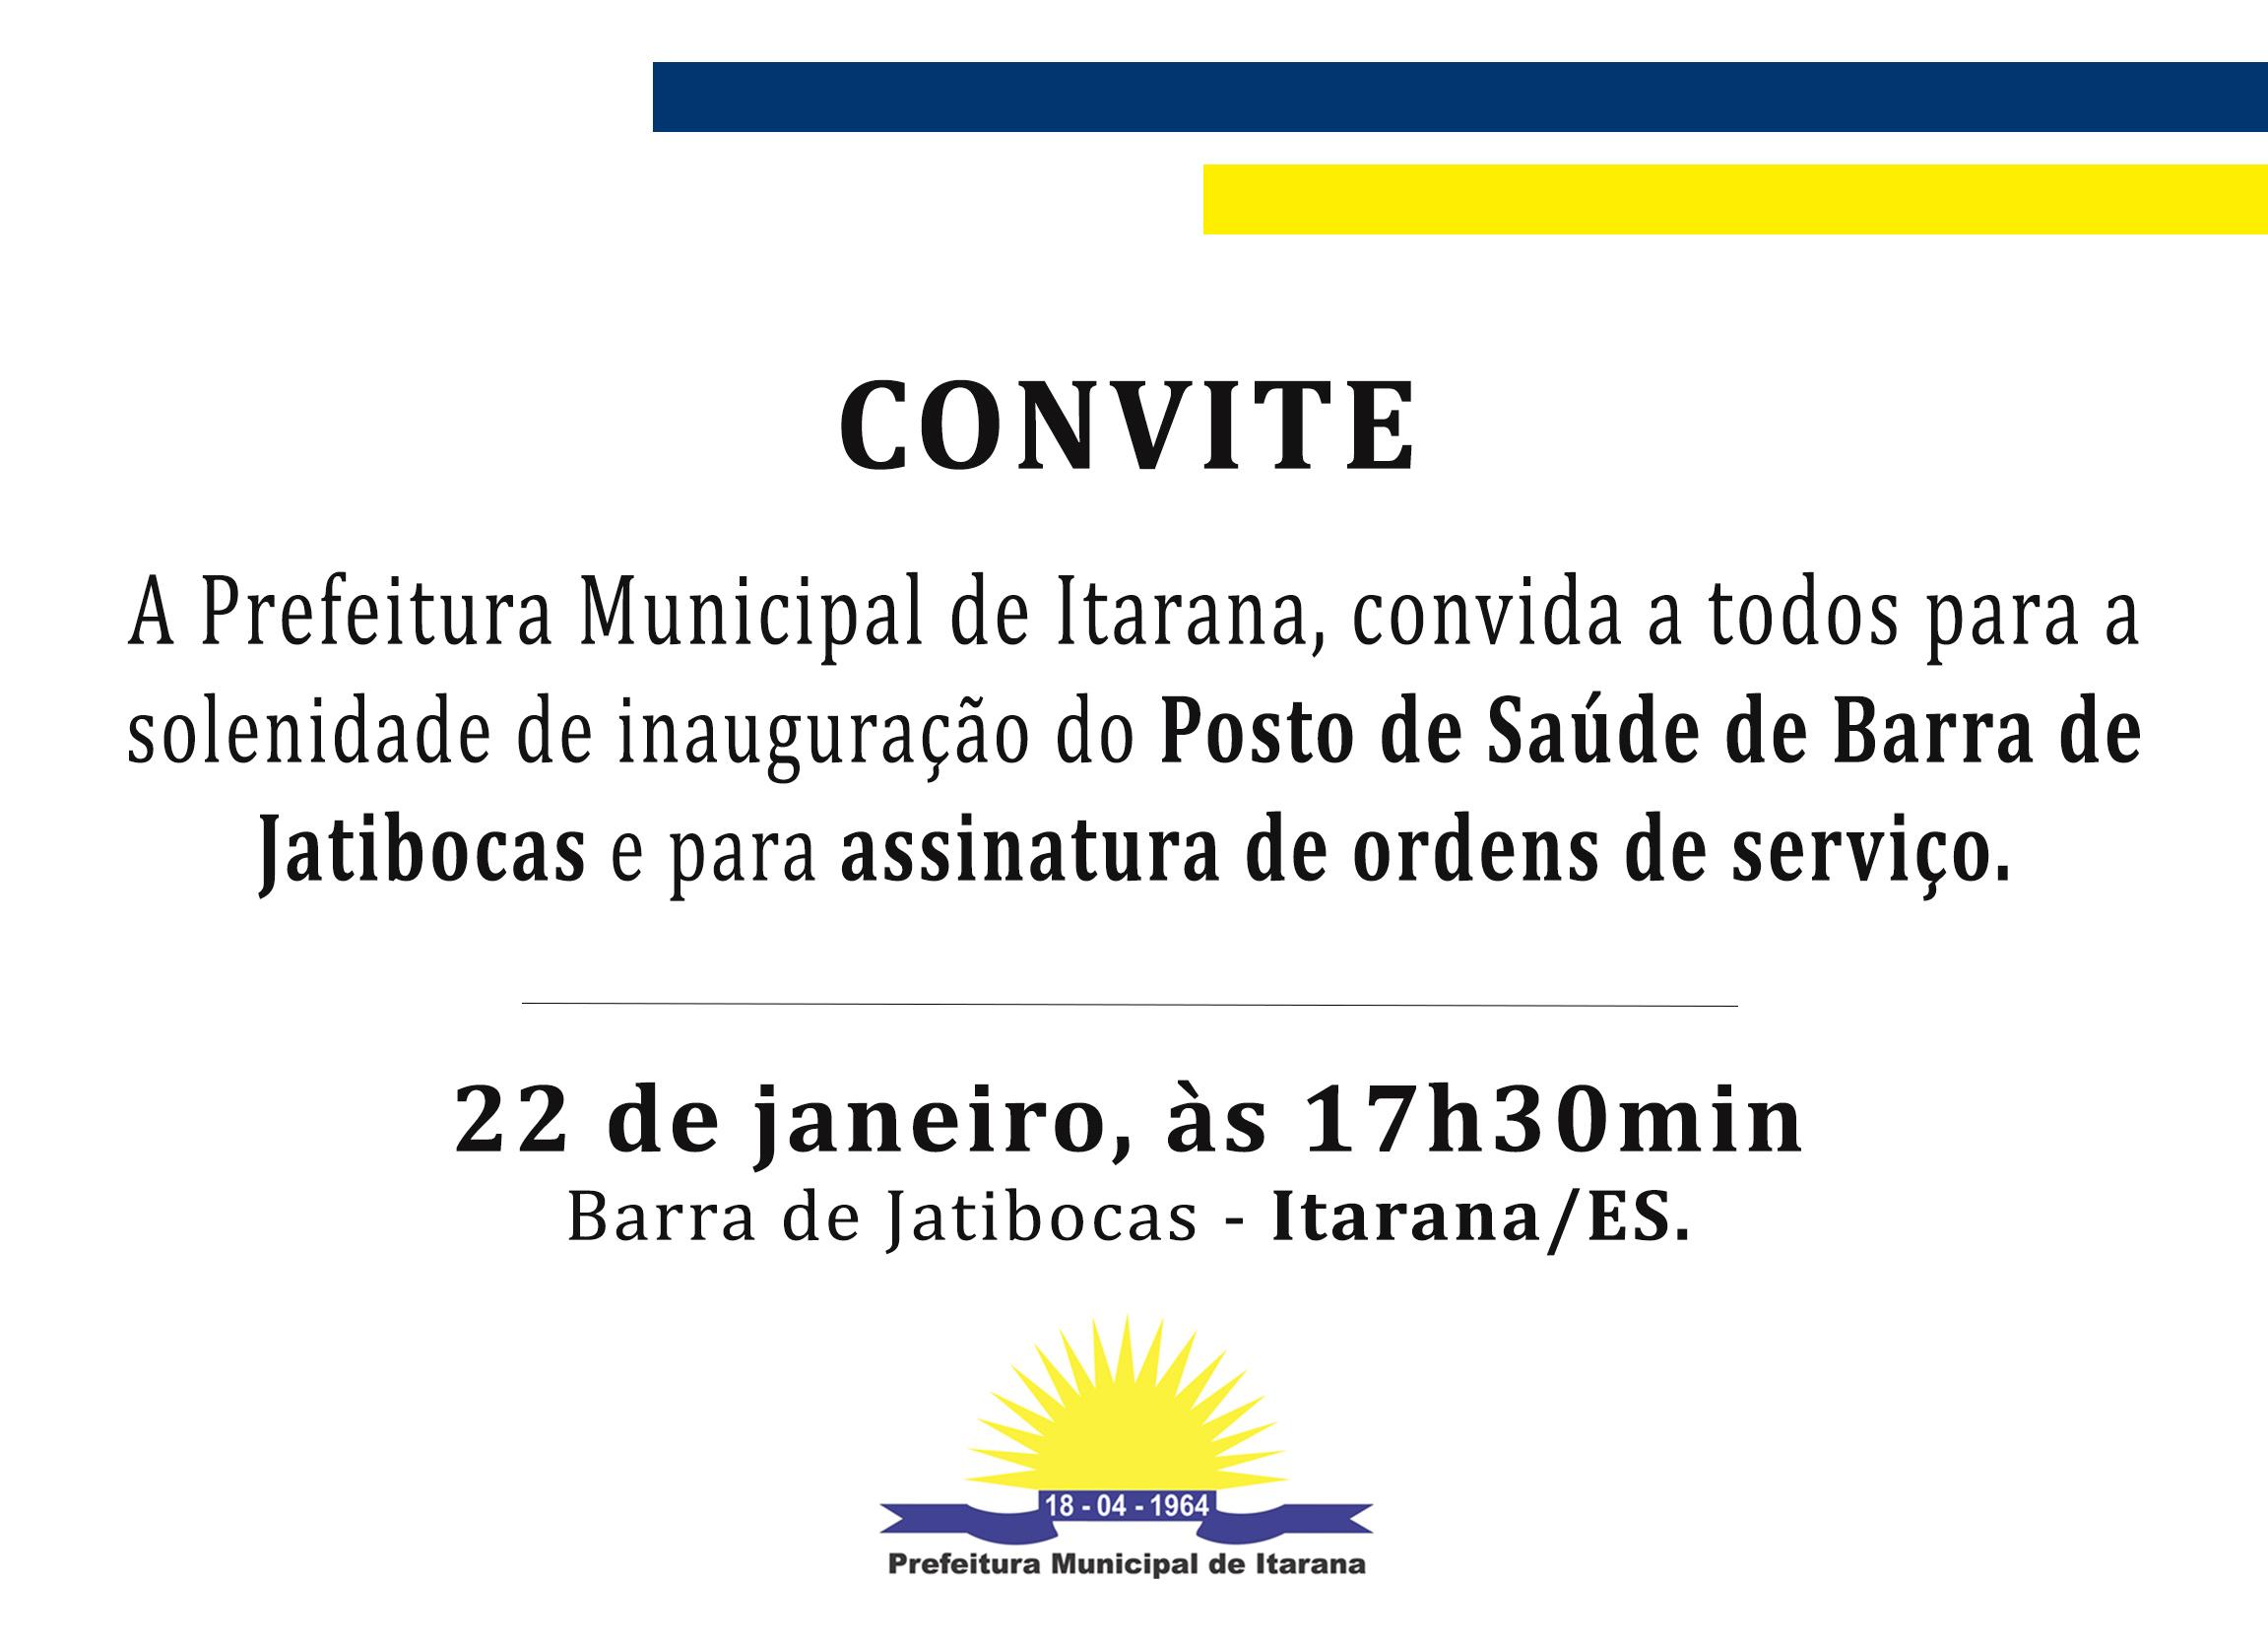 Convite: Inauguração Posto de Saúde de Barra de Jatibocas